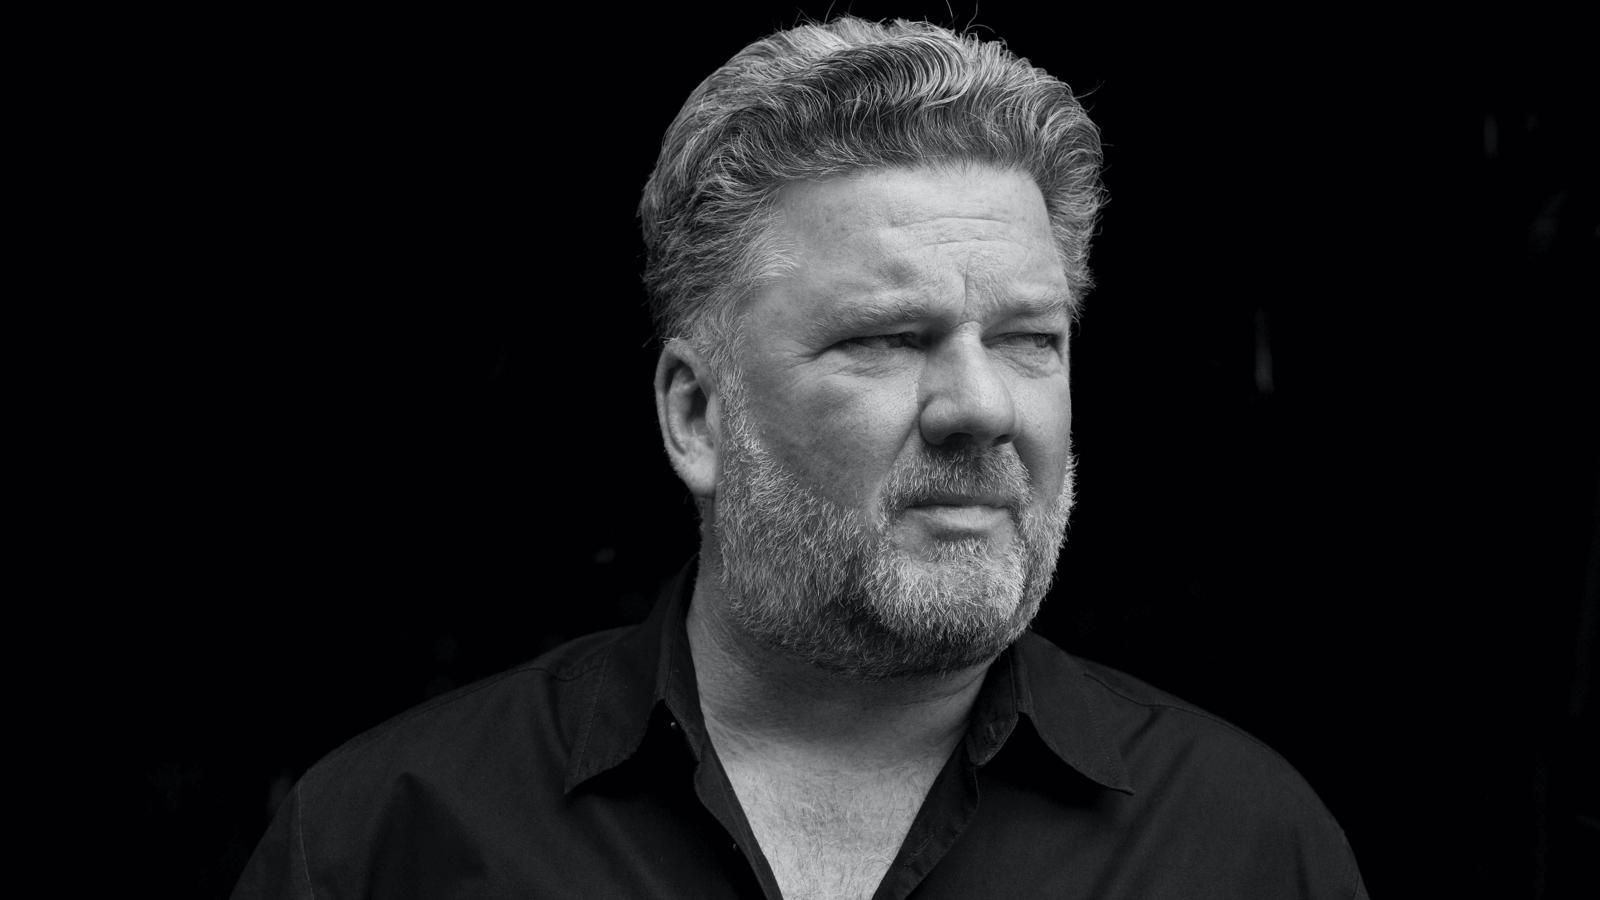 Pole Stefan Betke Portrait 2020